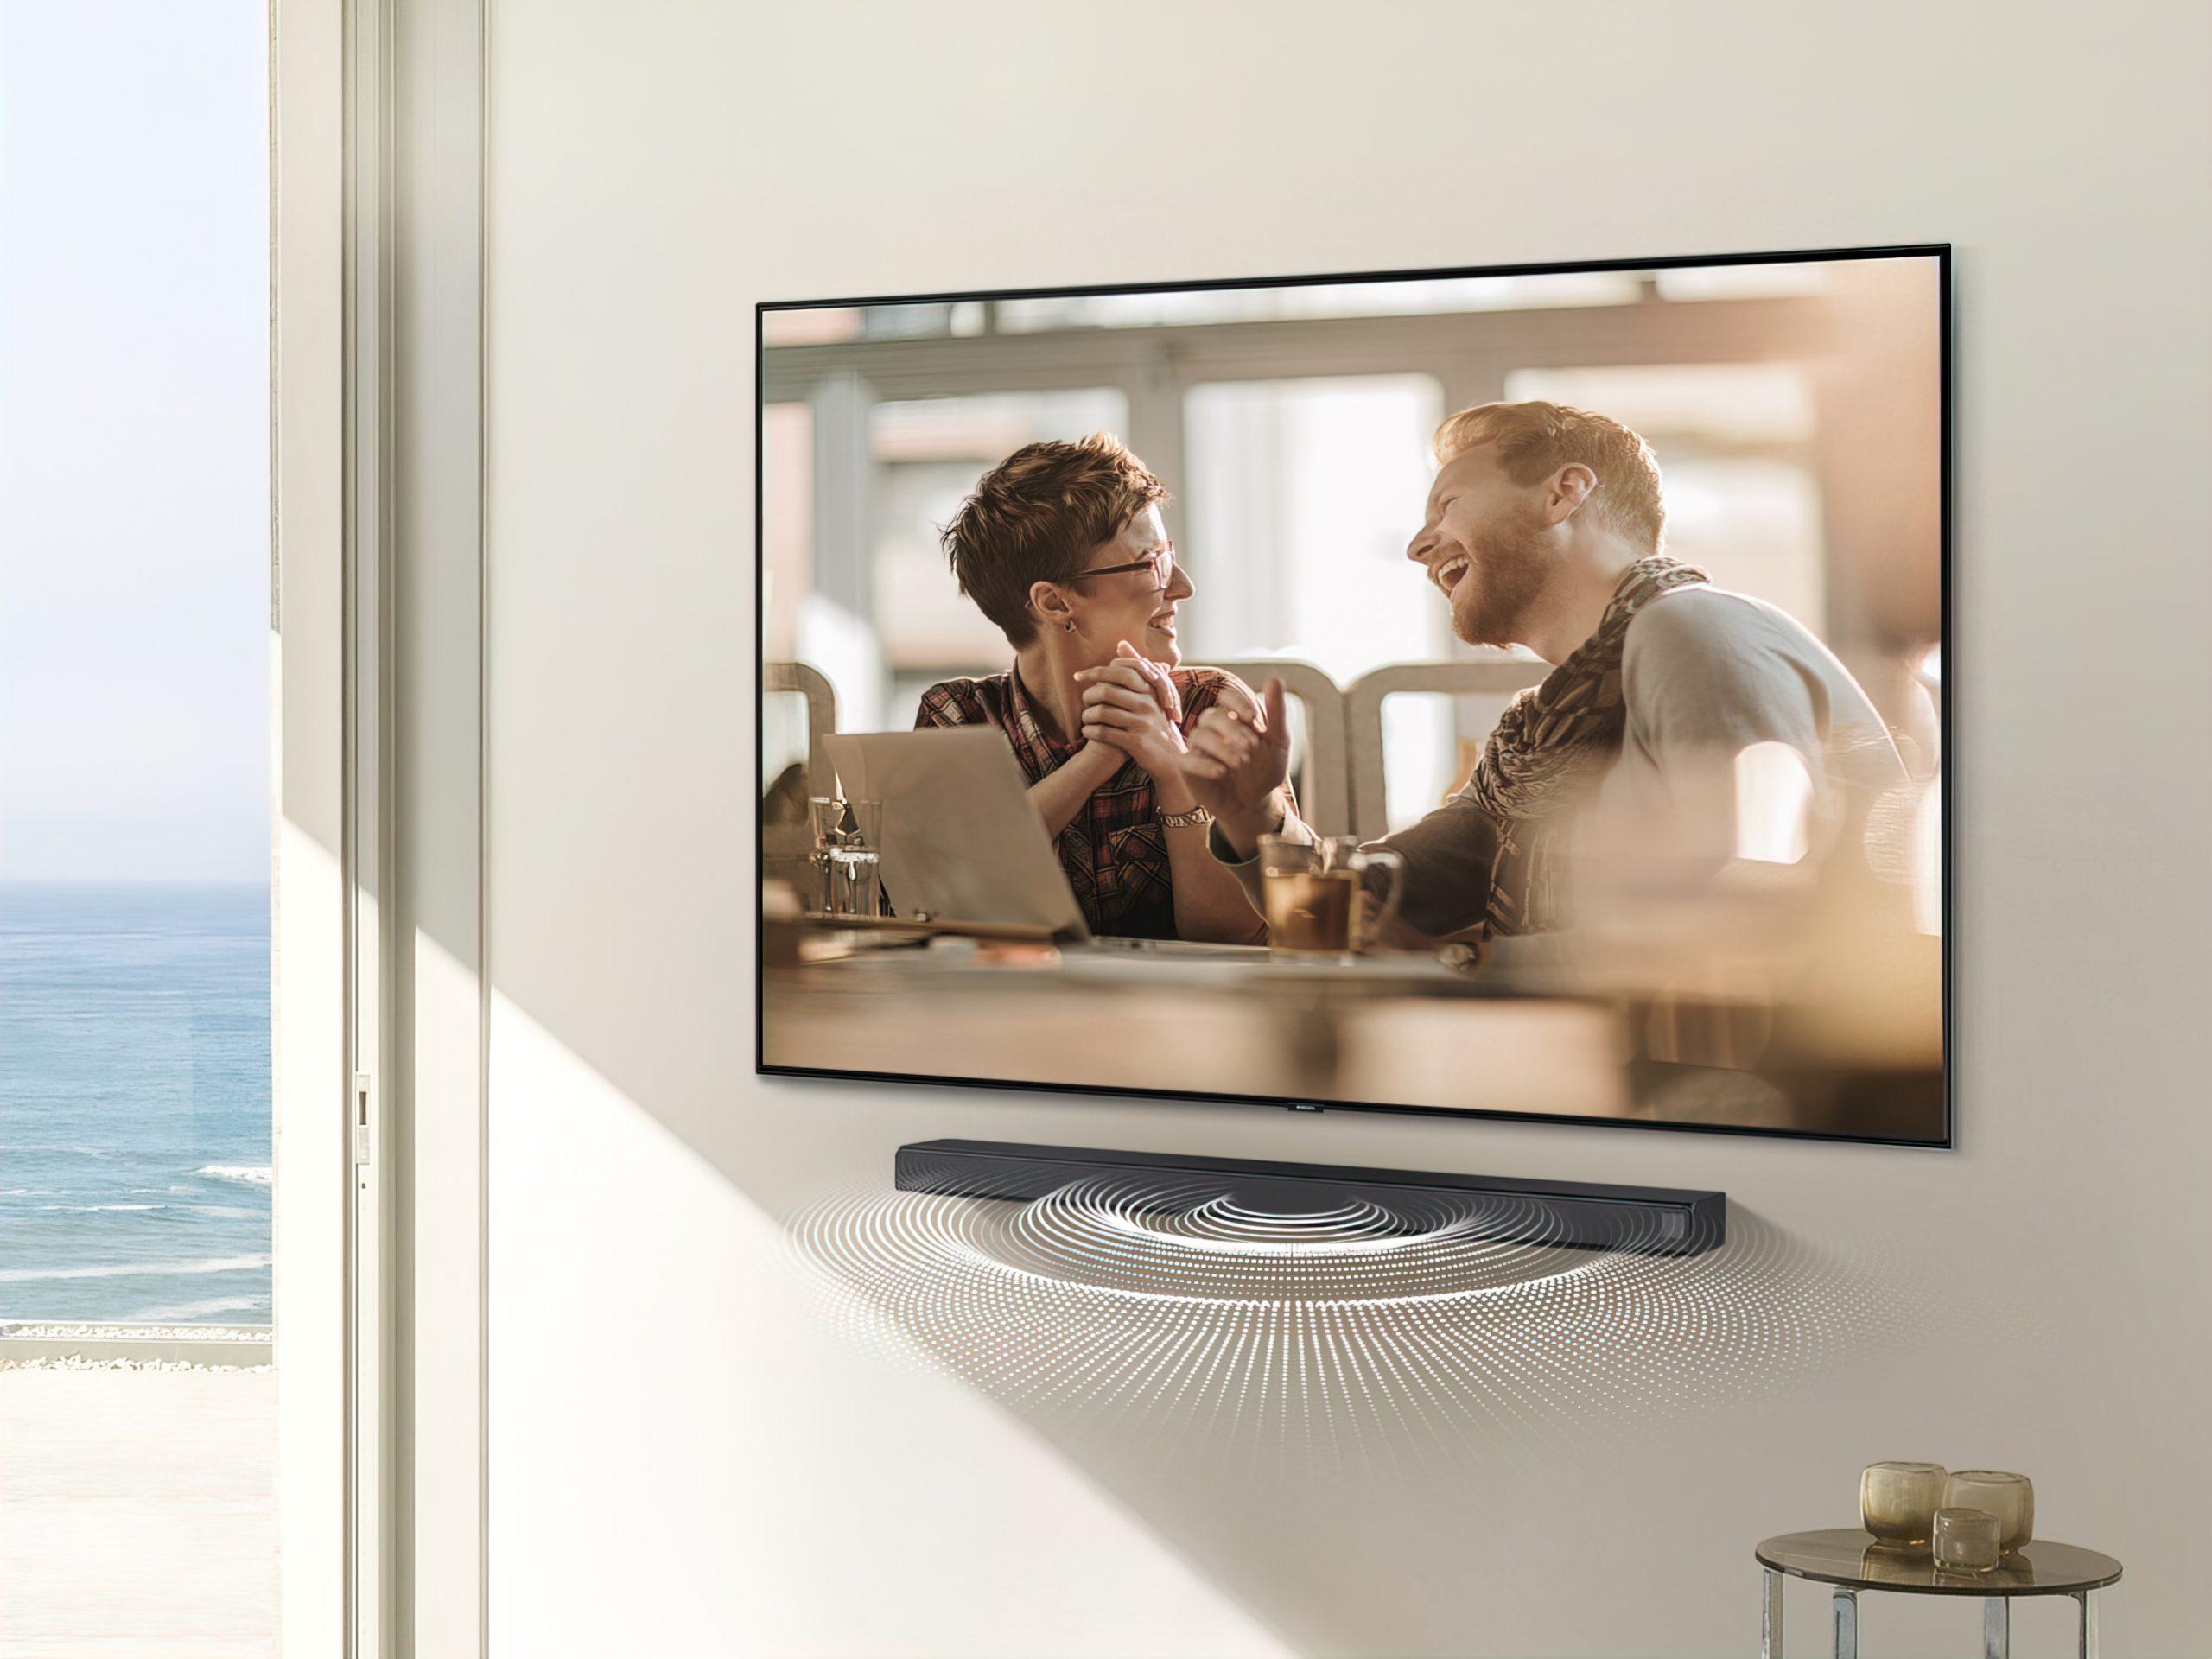 Samsung HW-Q610A